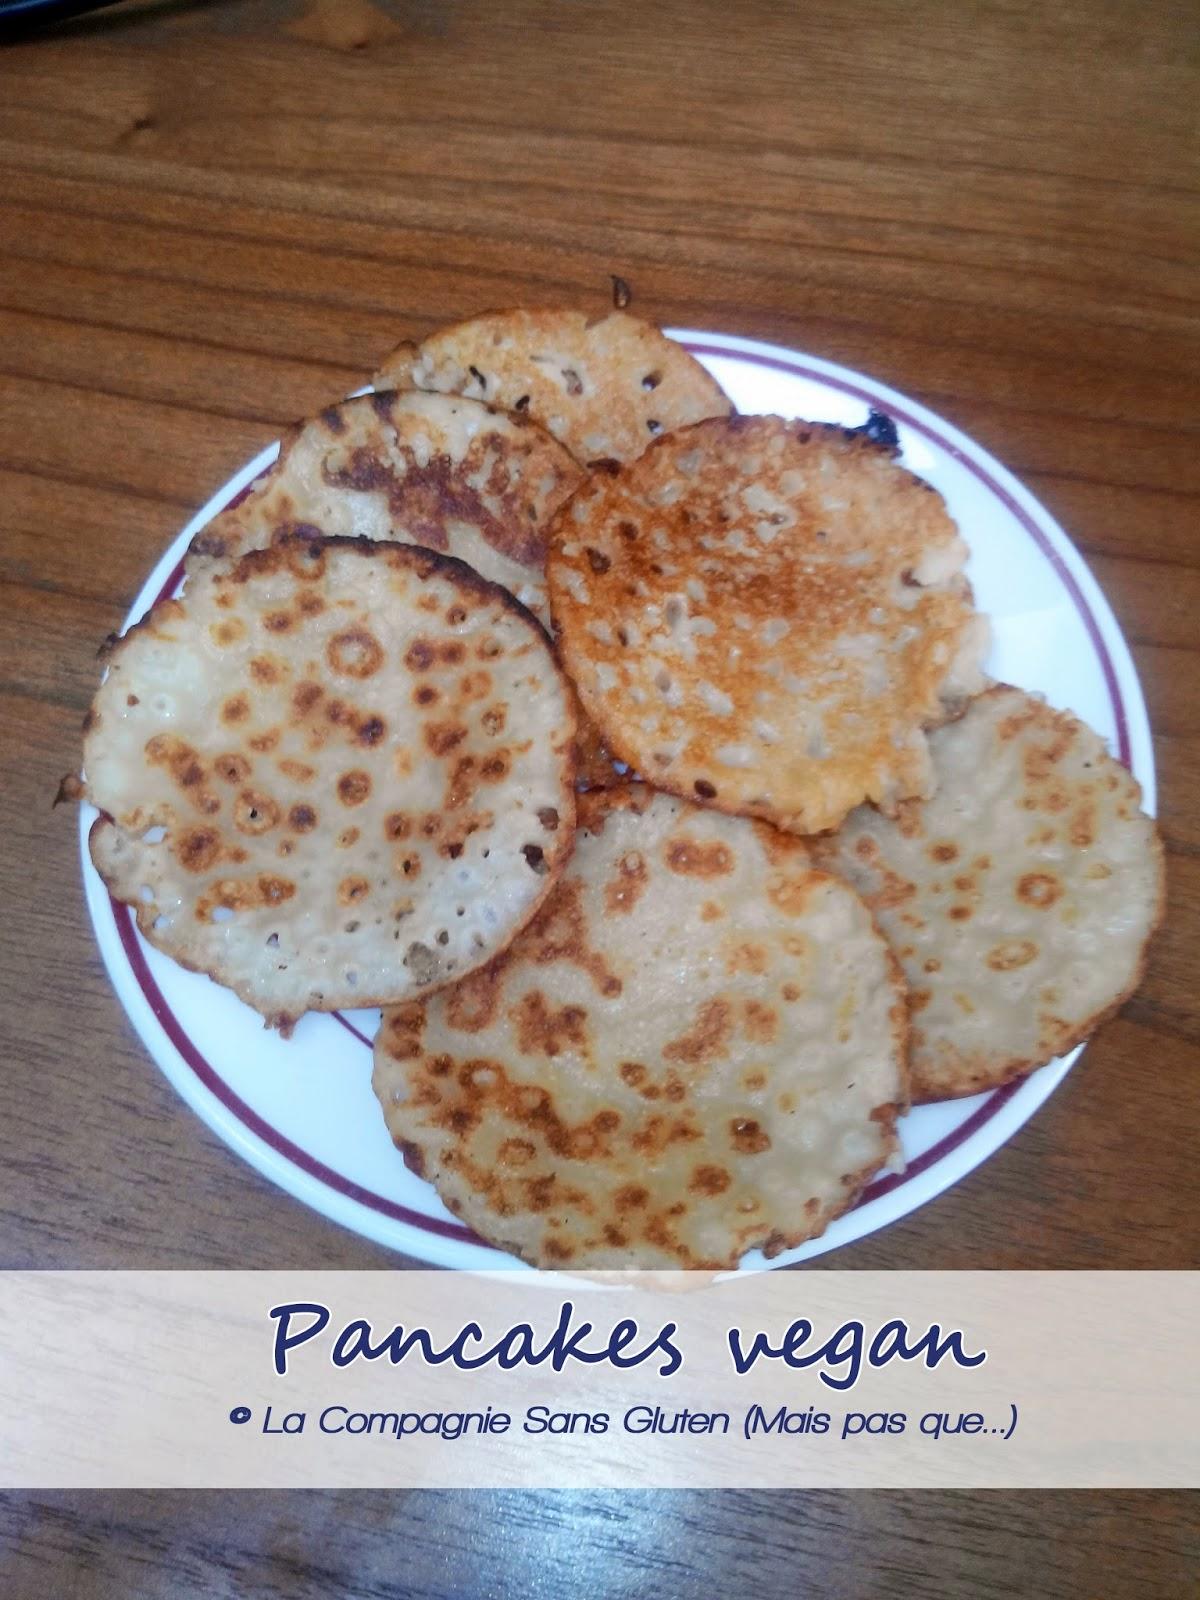 pancakes vegan sans gluten la compagnie sans gluten un blog sans gluten et sans lait. Black Bedroom Furniture Sets. Home Design Ideas